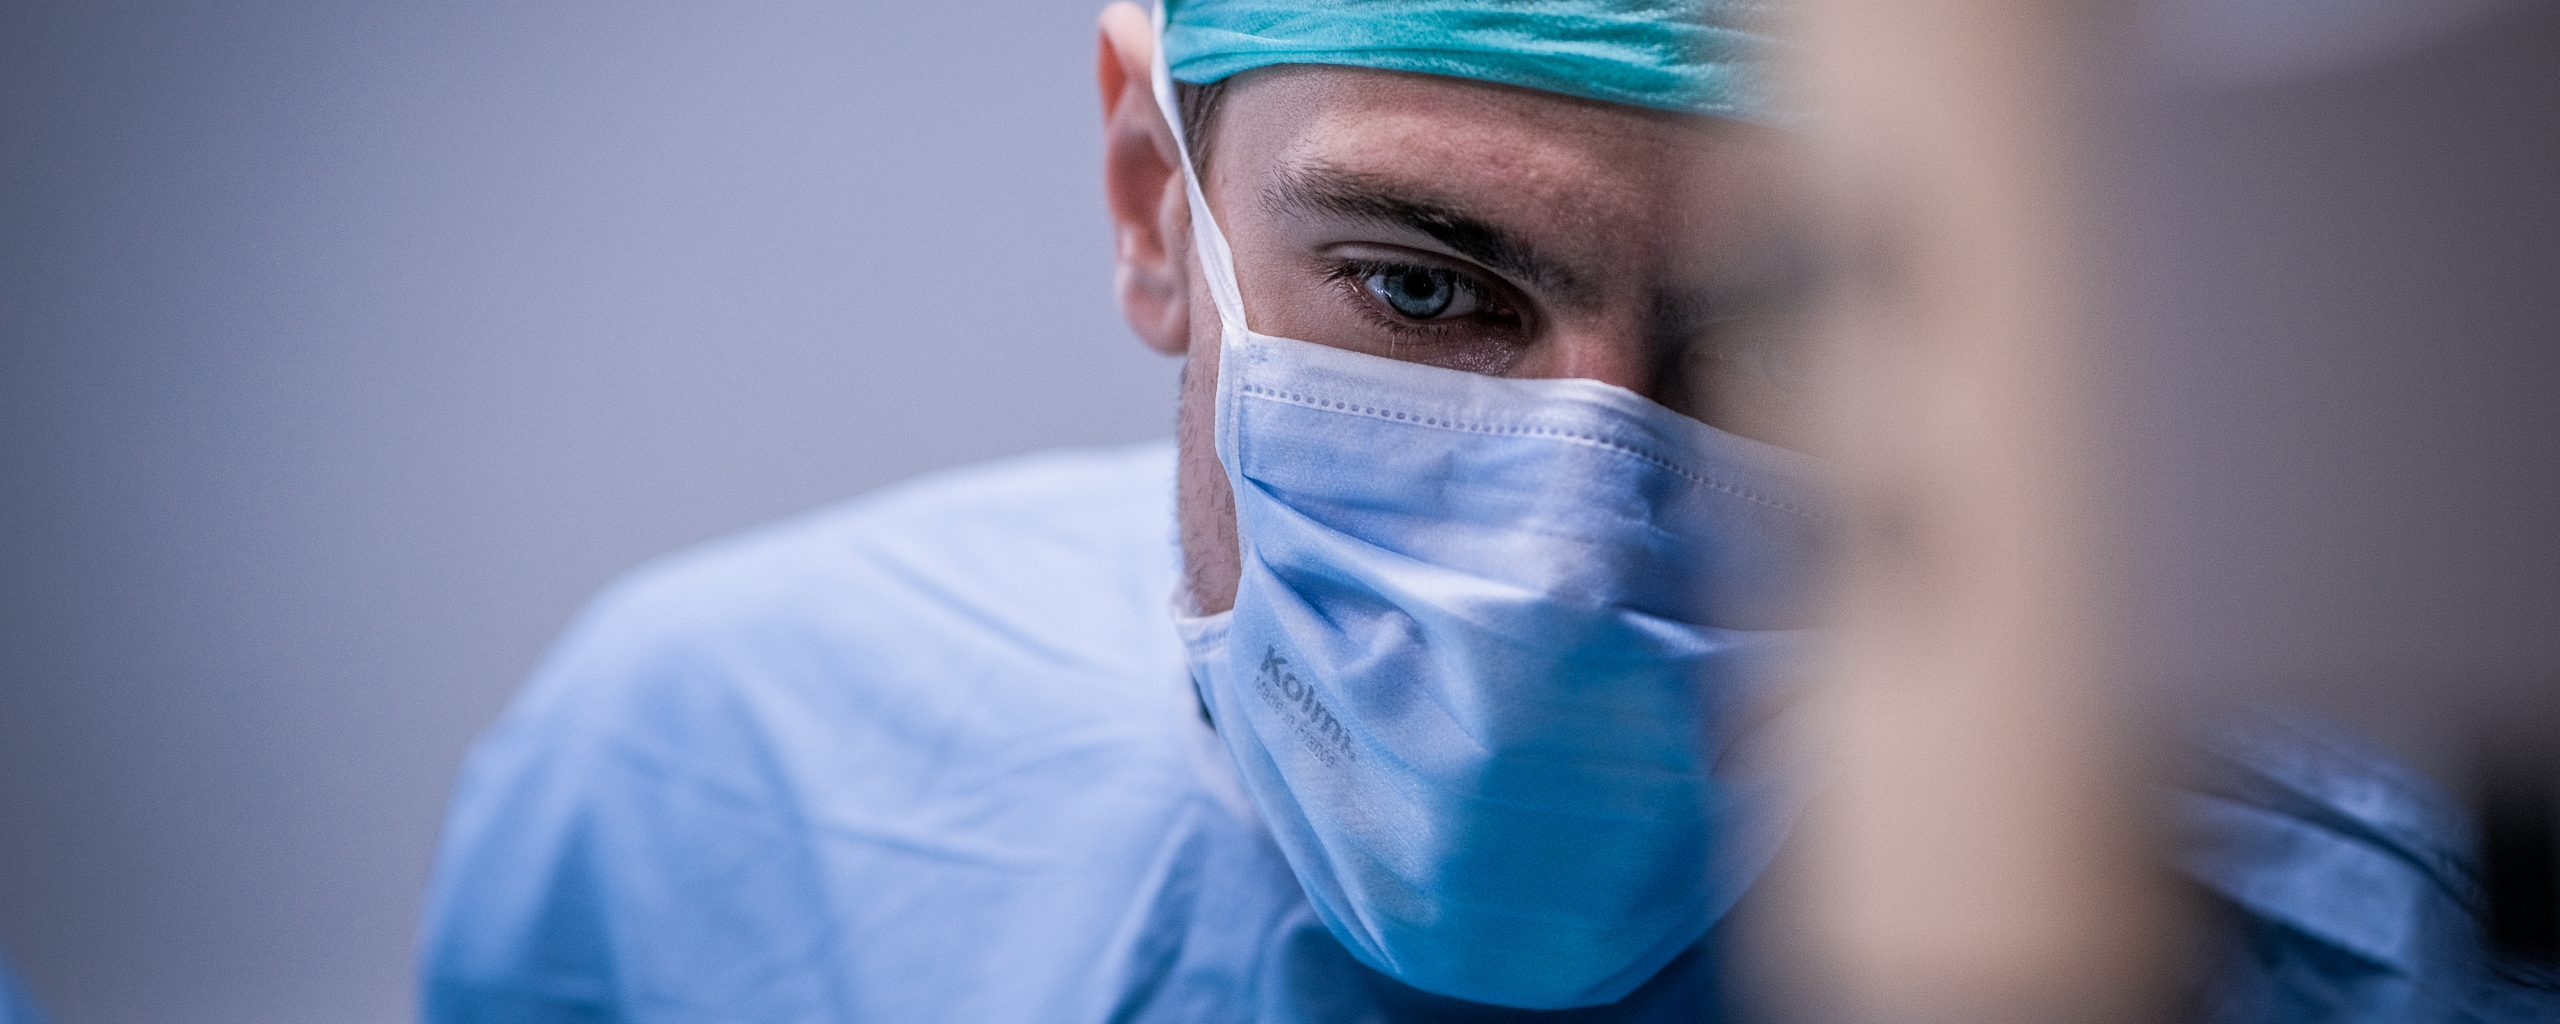 Interrogation et programmation d'un défibrillateur automatique implantable endocavitaire